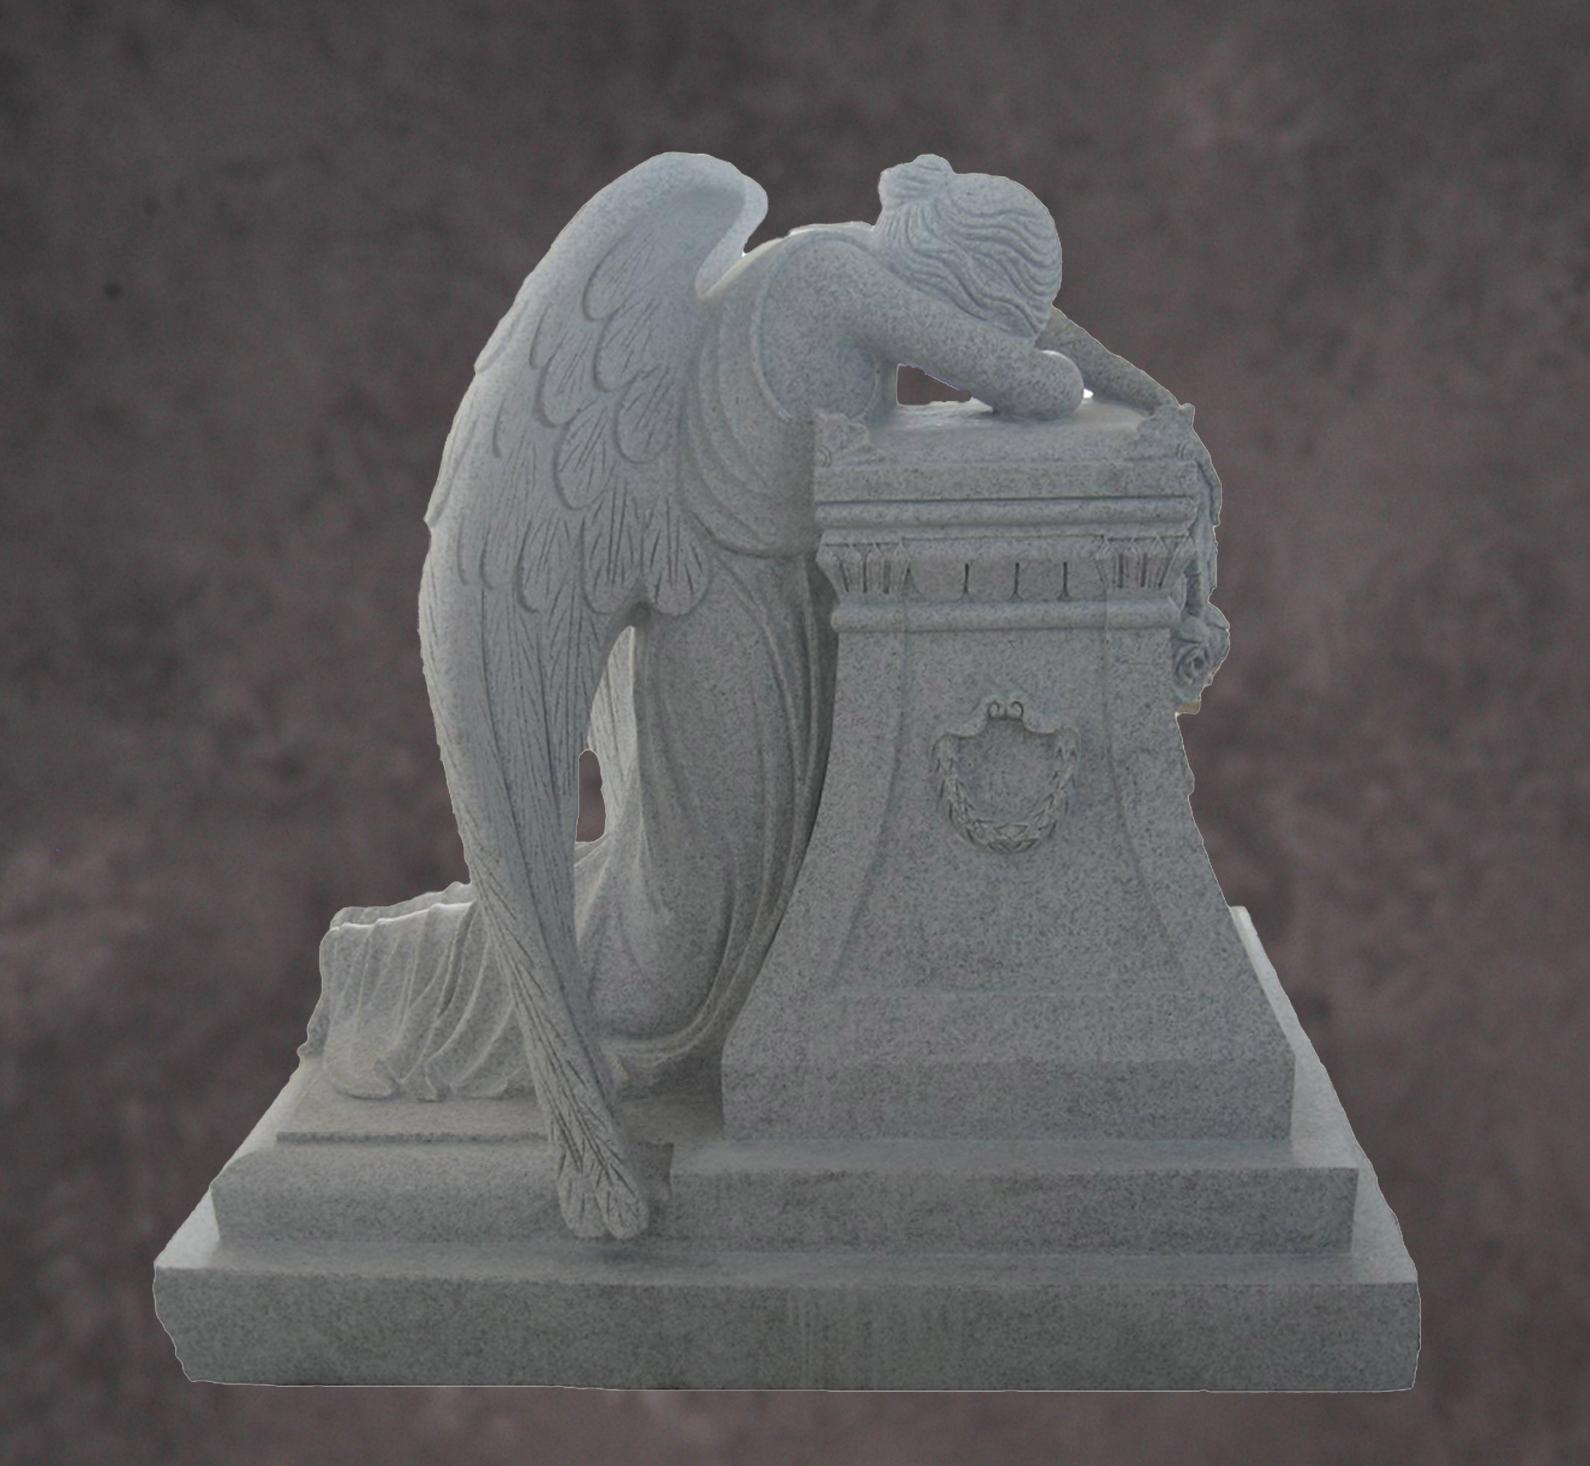 Delightful Granite Angel Statue. Weeping Angel